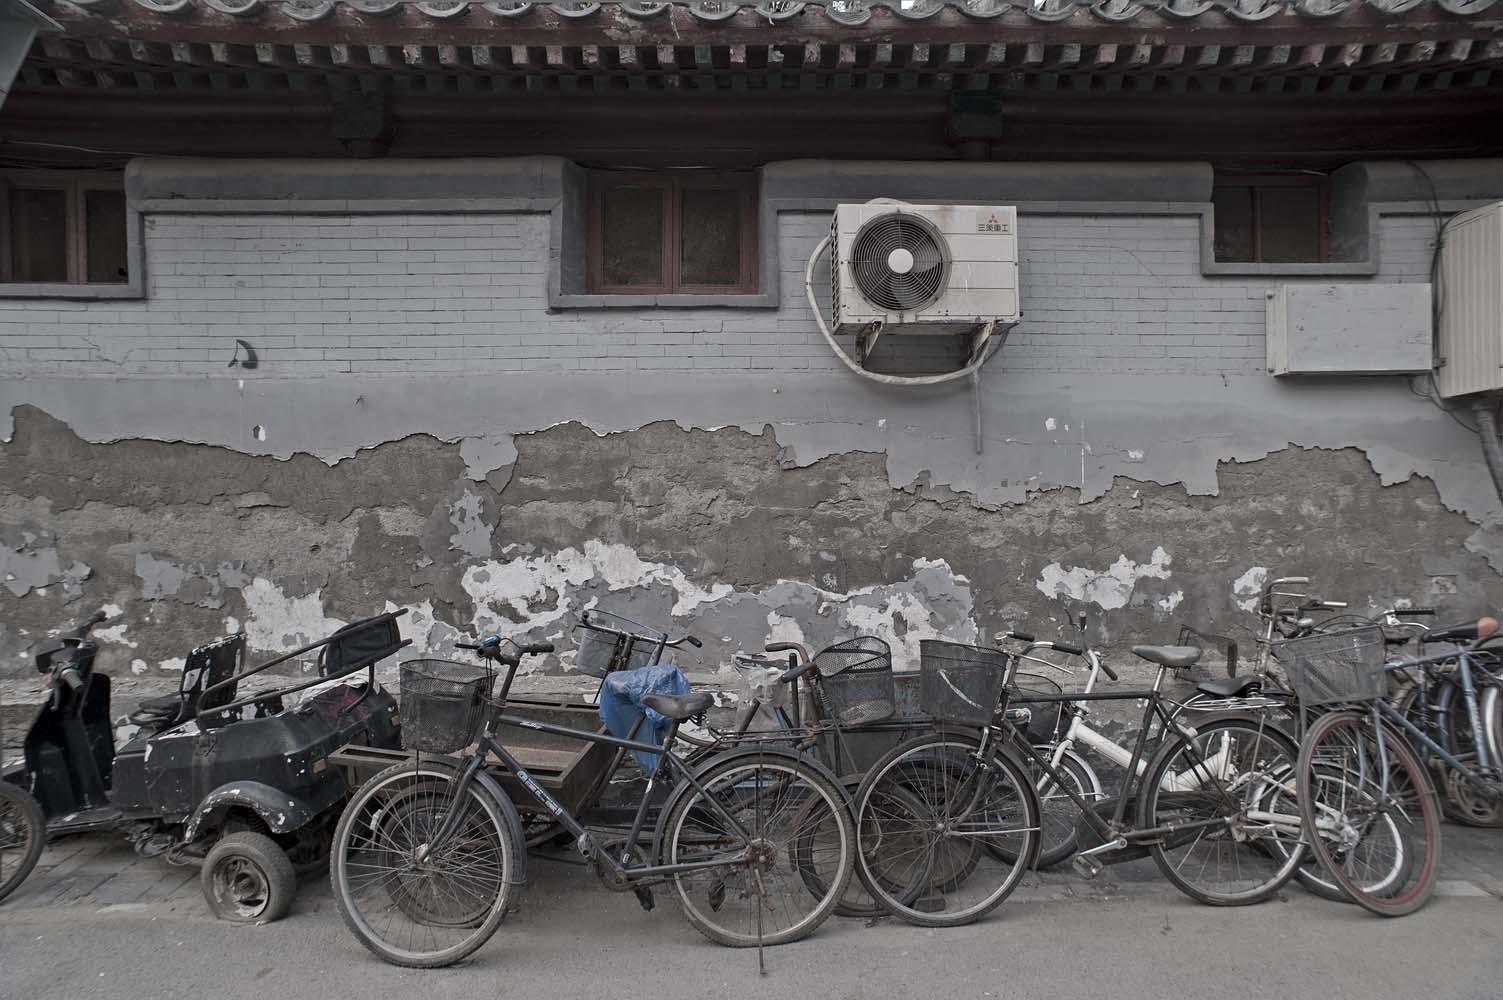 pekin hutong 999